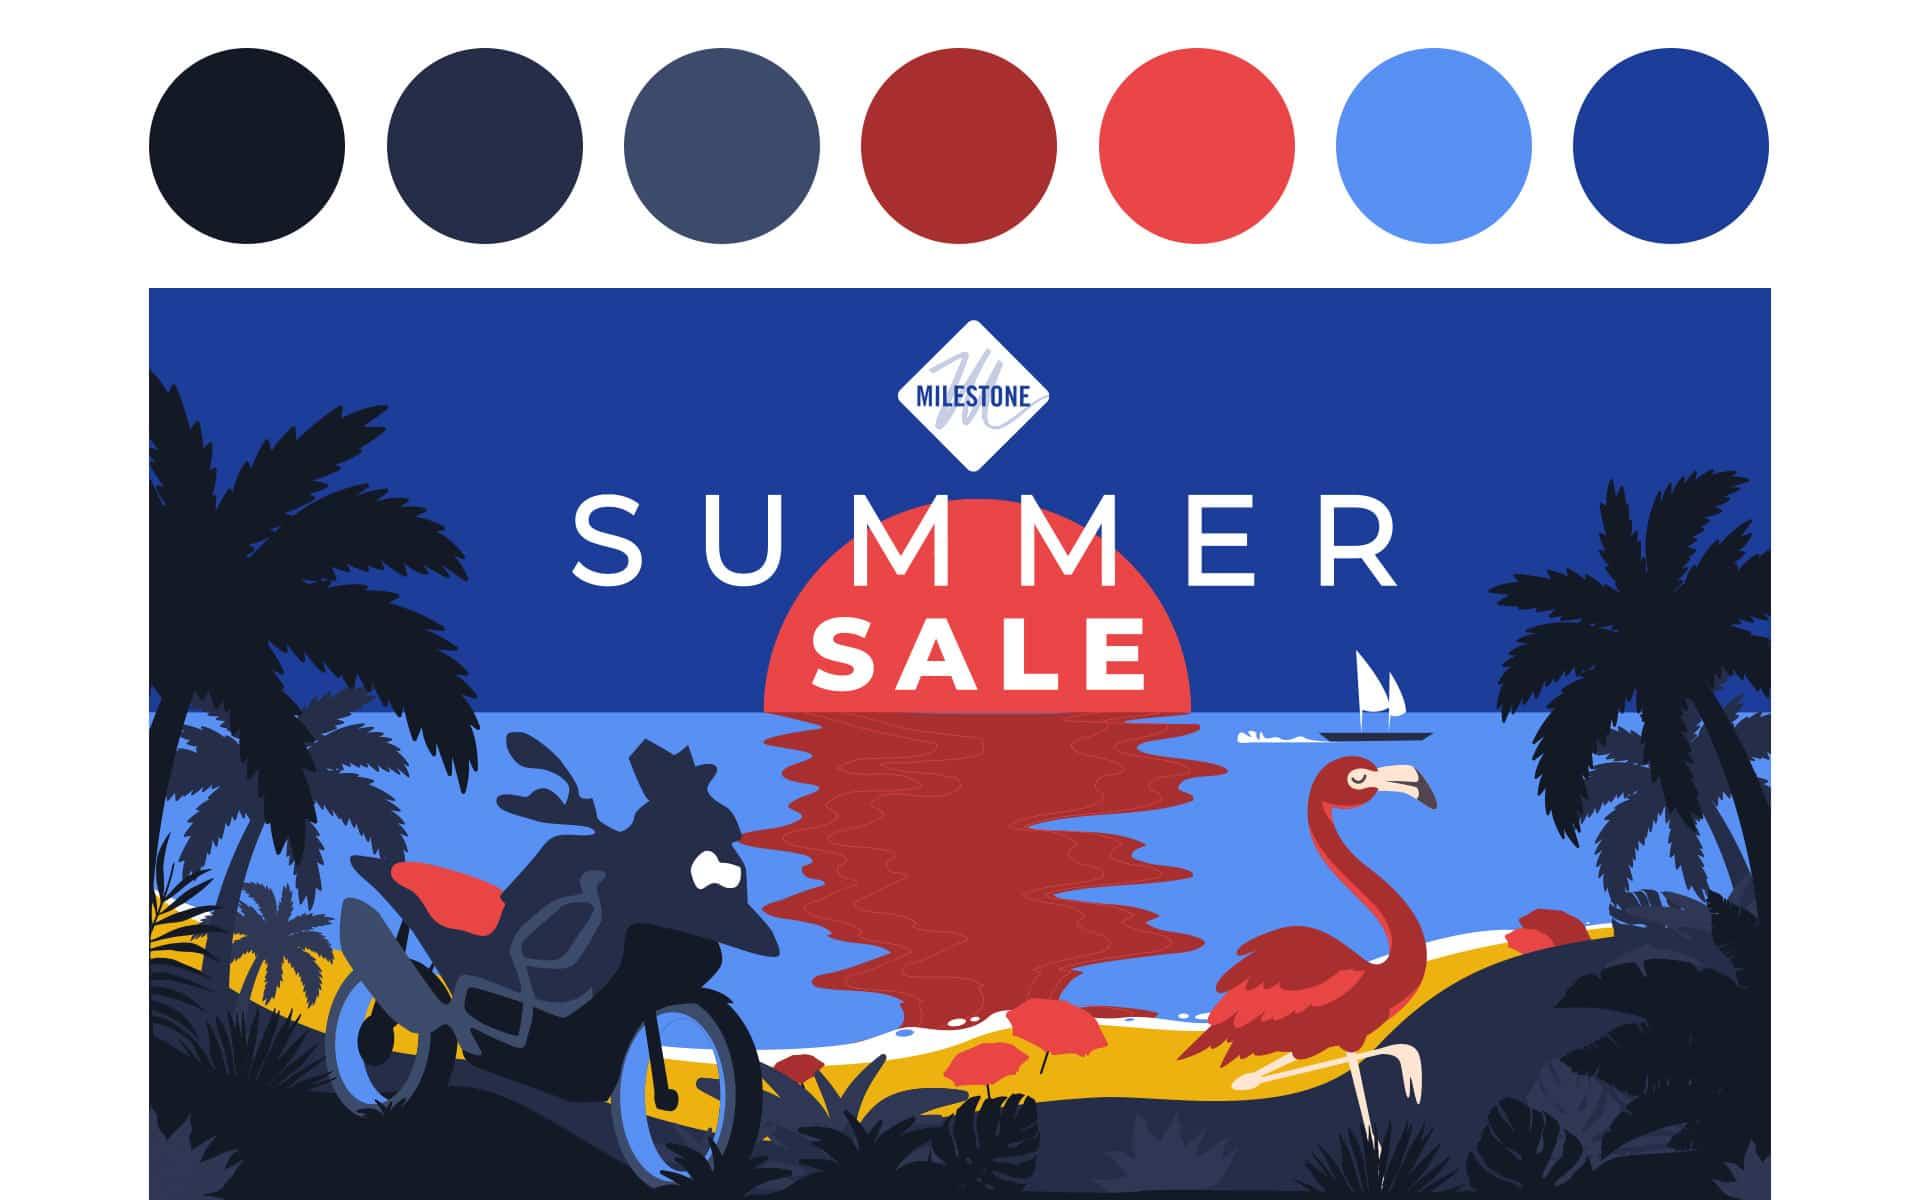 illustrazione summer sale milestone grafico milano night